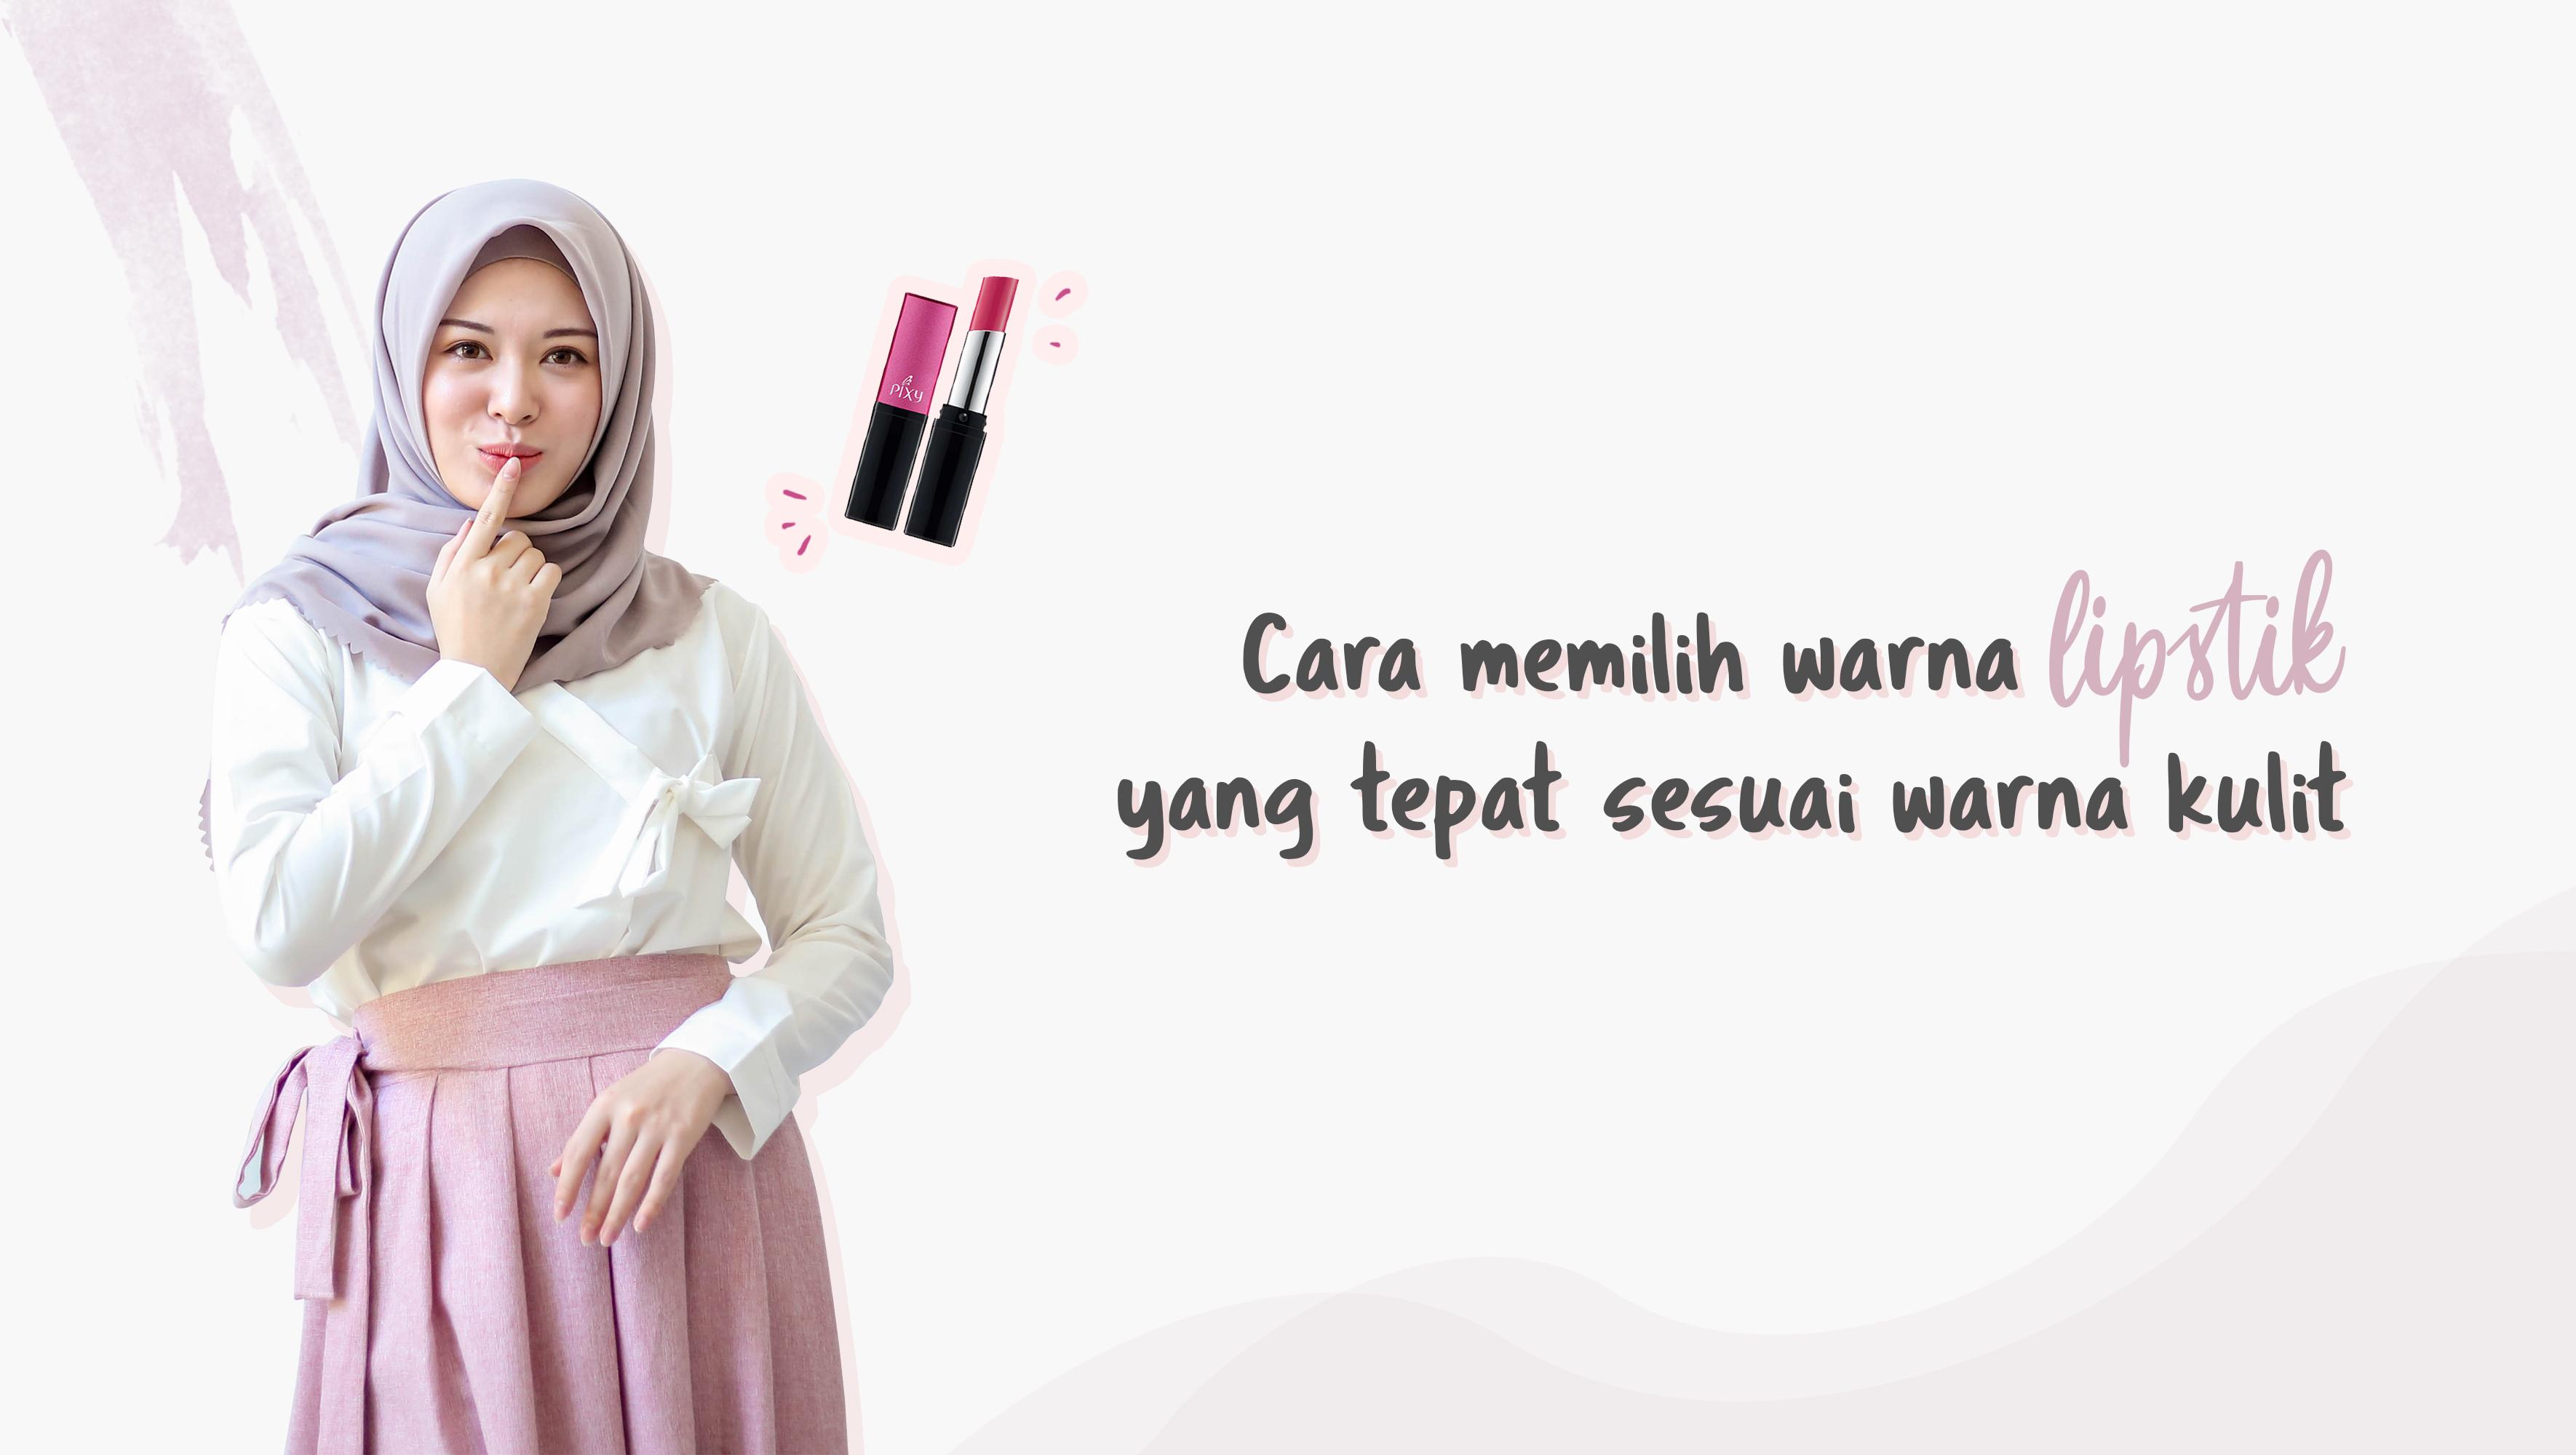 Cara memilih warna lipstik yang tepat sesuai warna kulit image